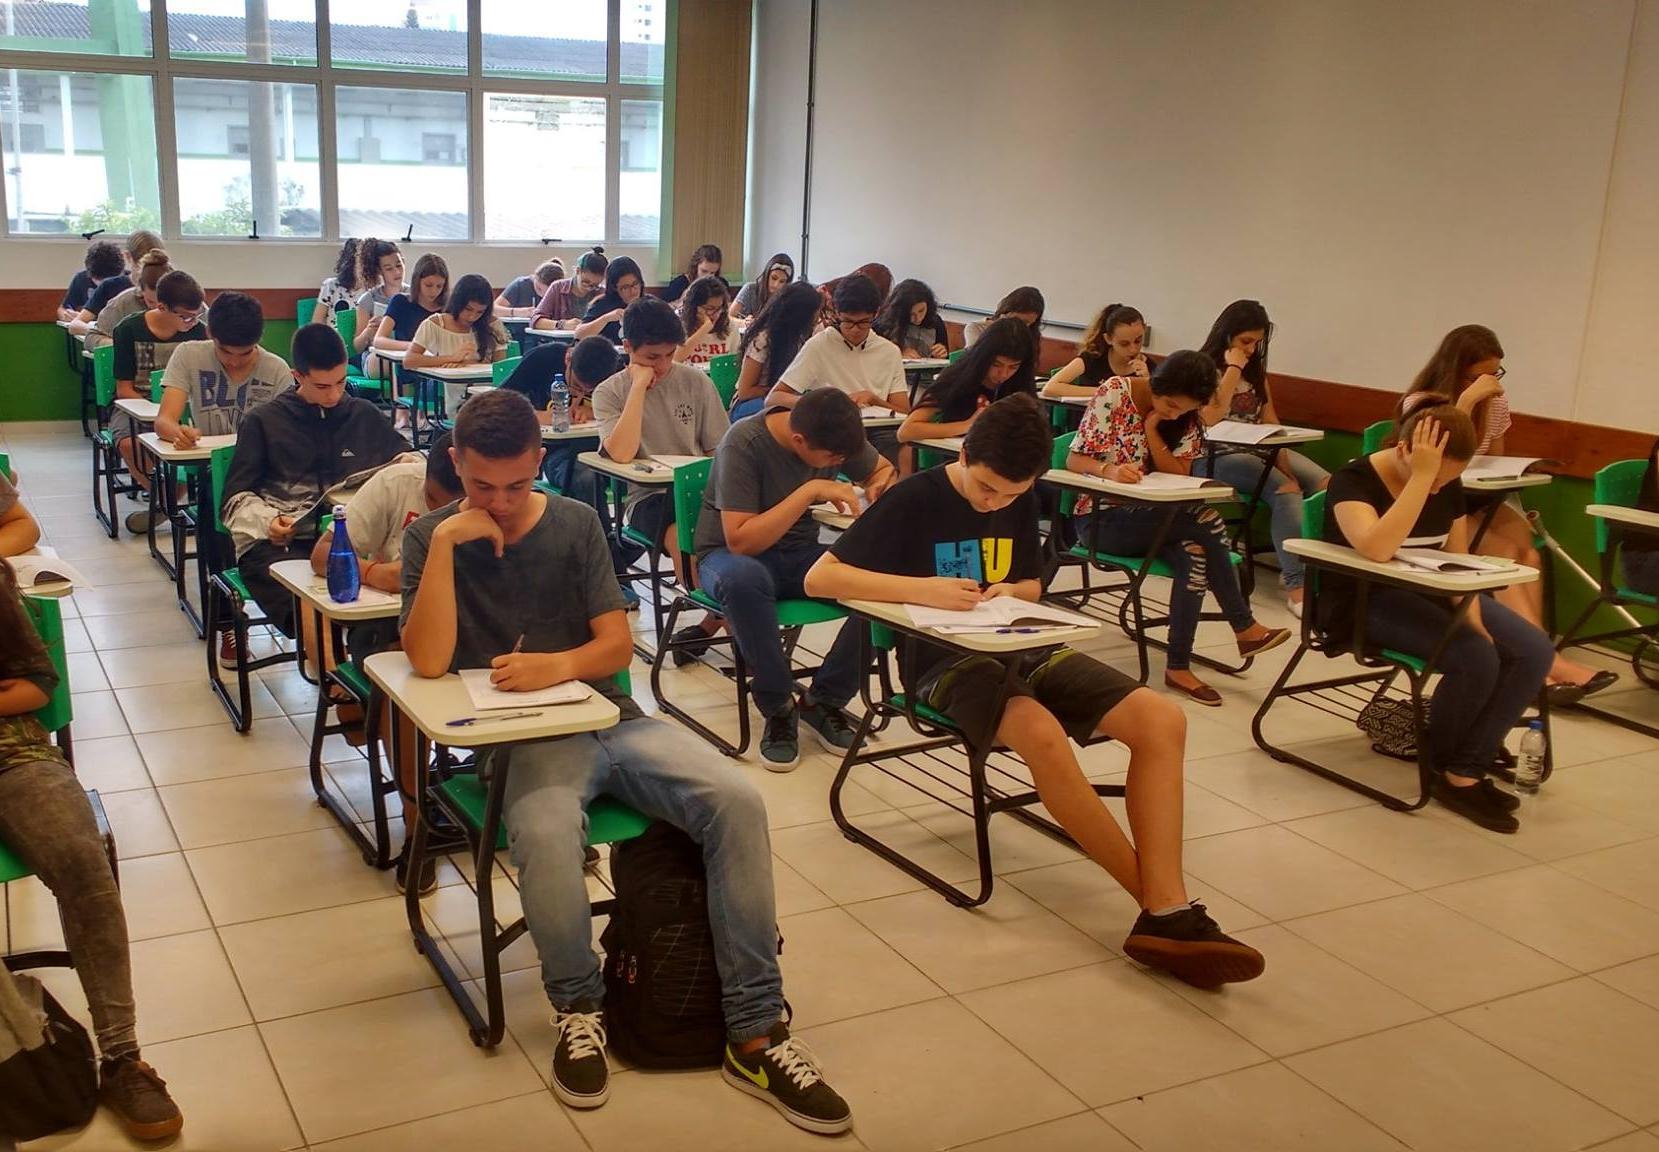 Mais de 5.000 candidatos fizeram a prova para ensino médio técnico do IFSC neste domingo - IFSC/Divulgação